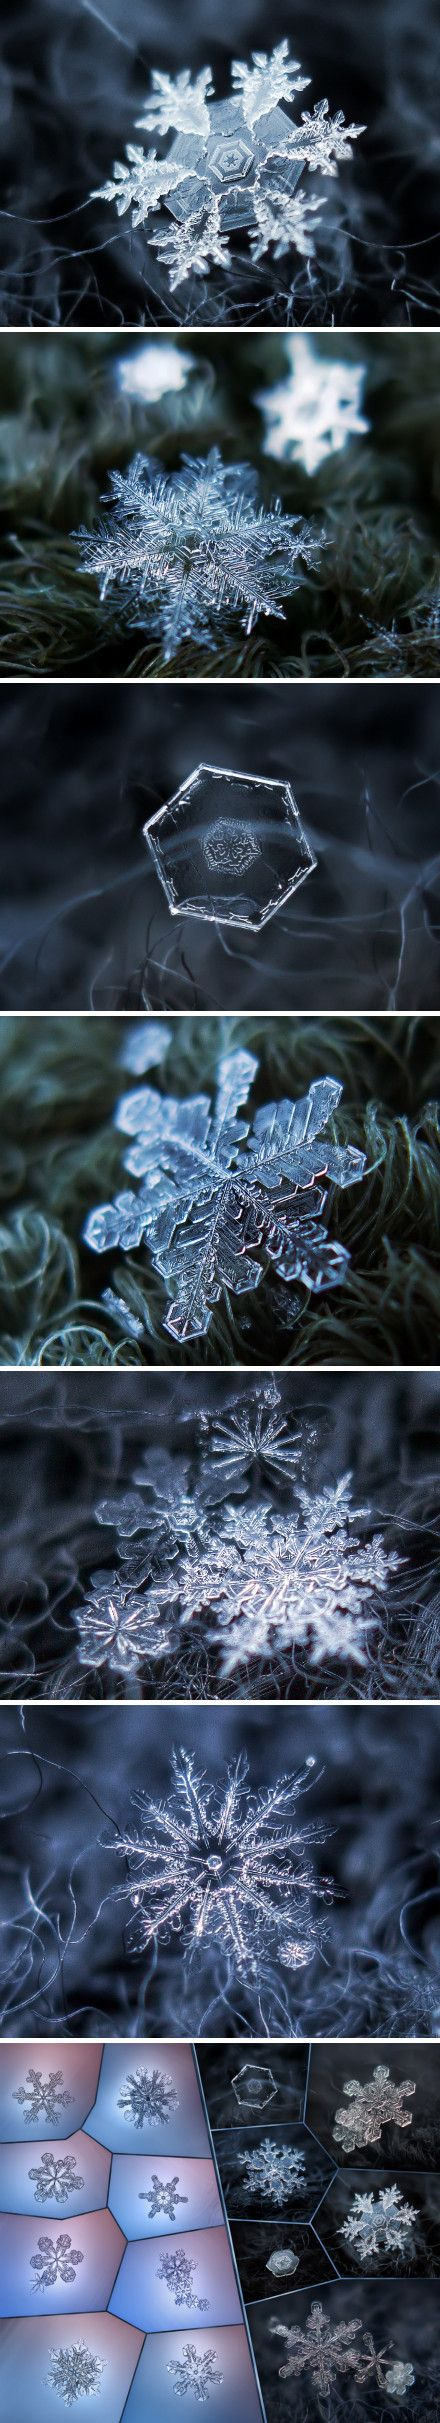 ... was für traumhafte, wunderschöne und zauberhafte Formen Schneeflocken bilden…